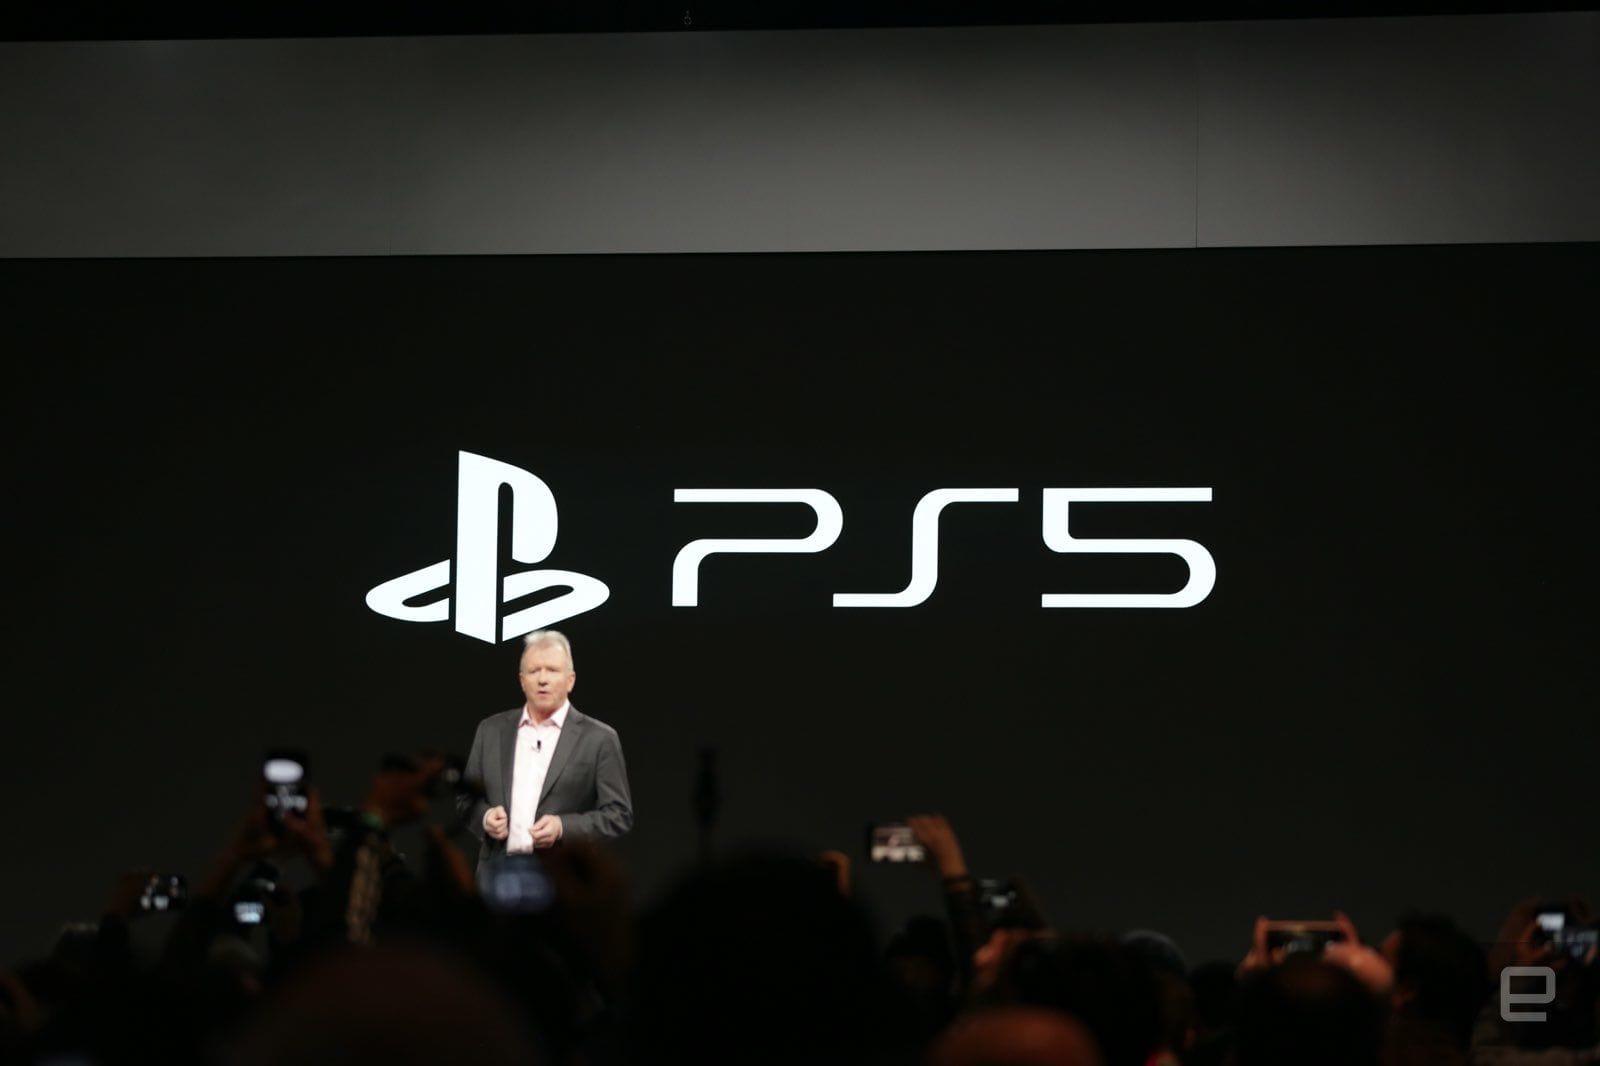 彭博社:PS5「至少」要卖 US$470